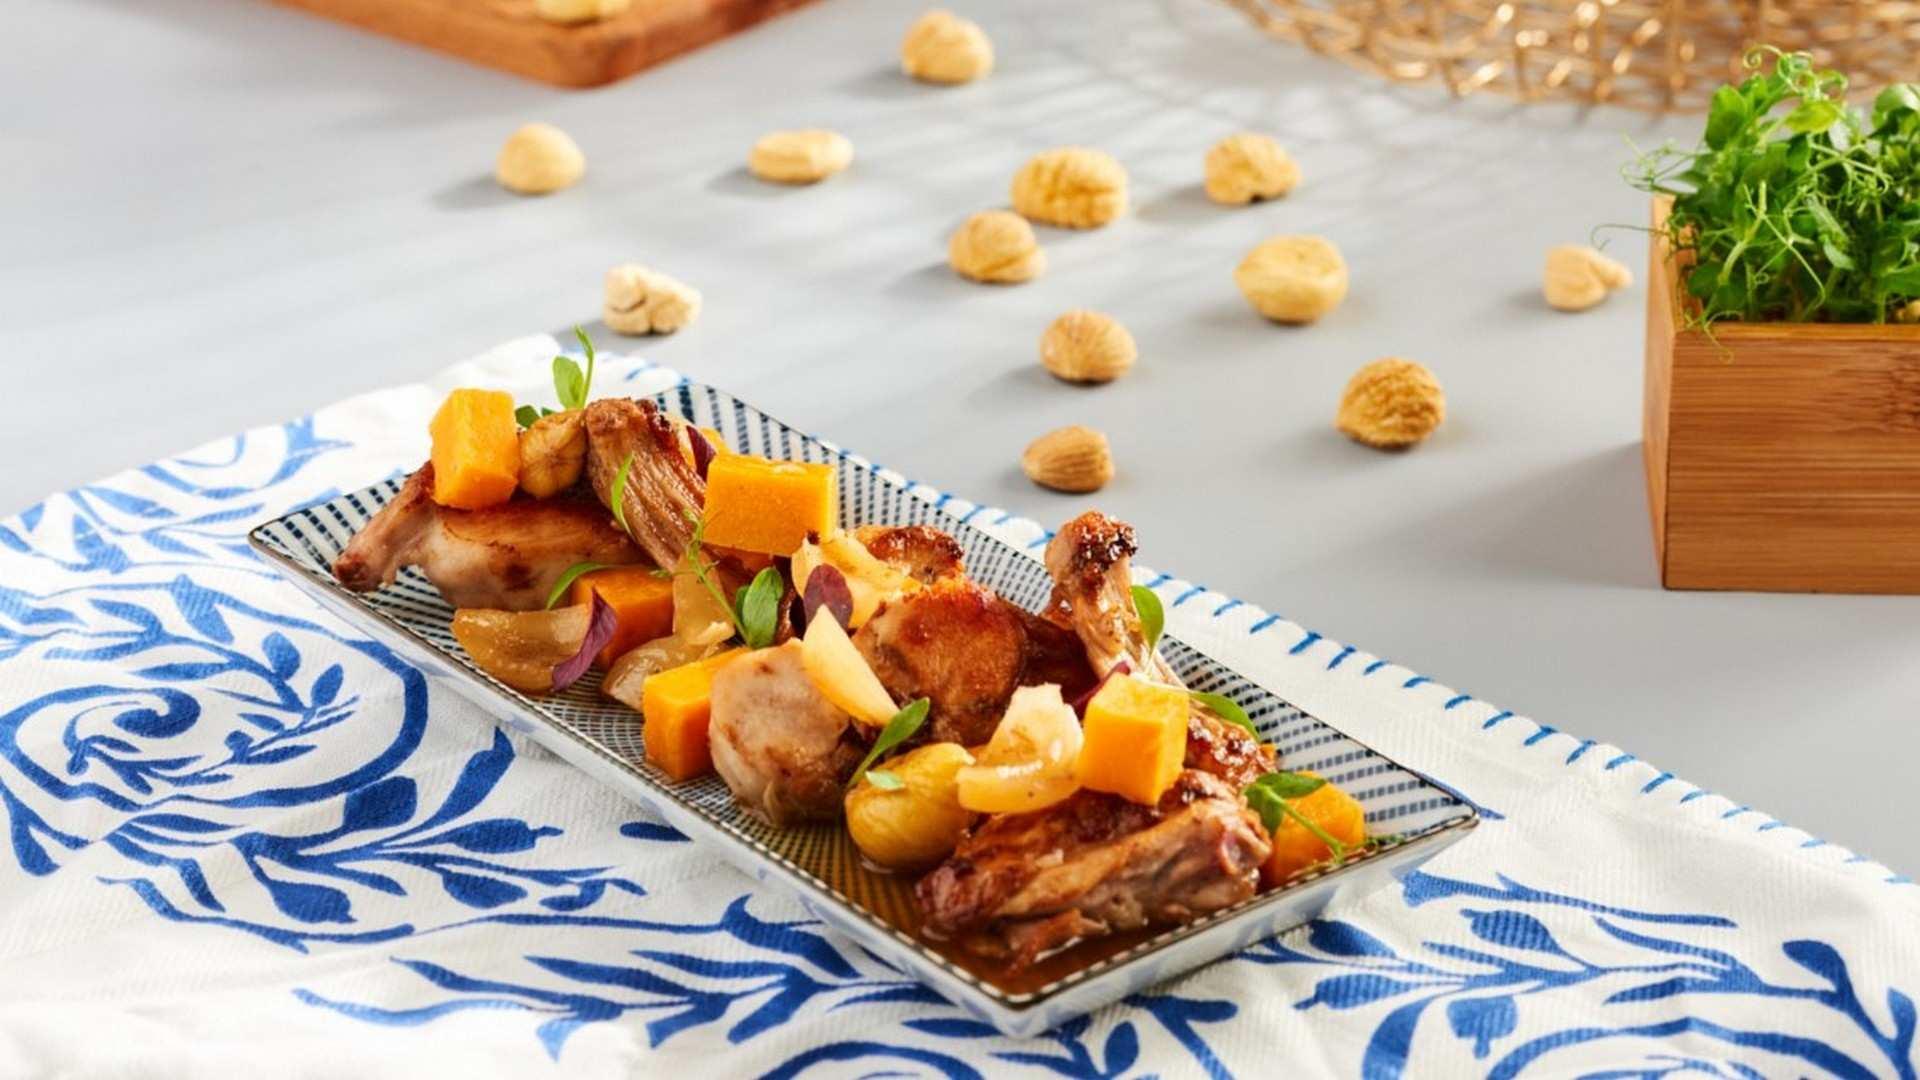 Receta de conejo en escabeche de cebollitas, boniatos y castañas